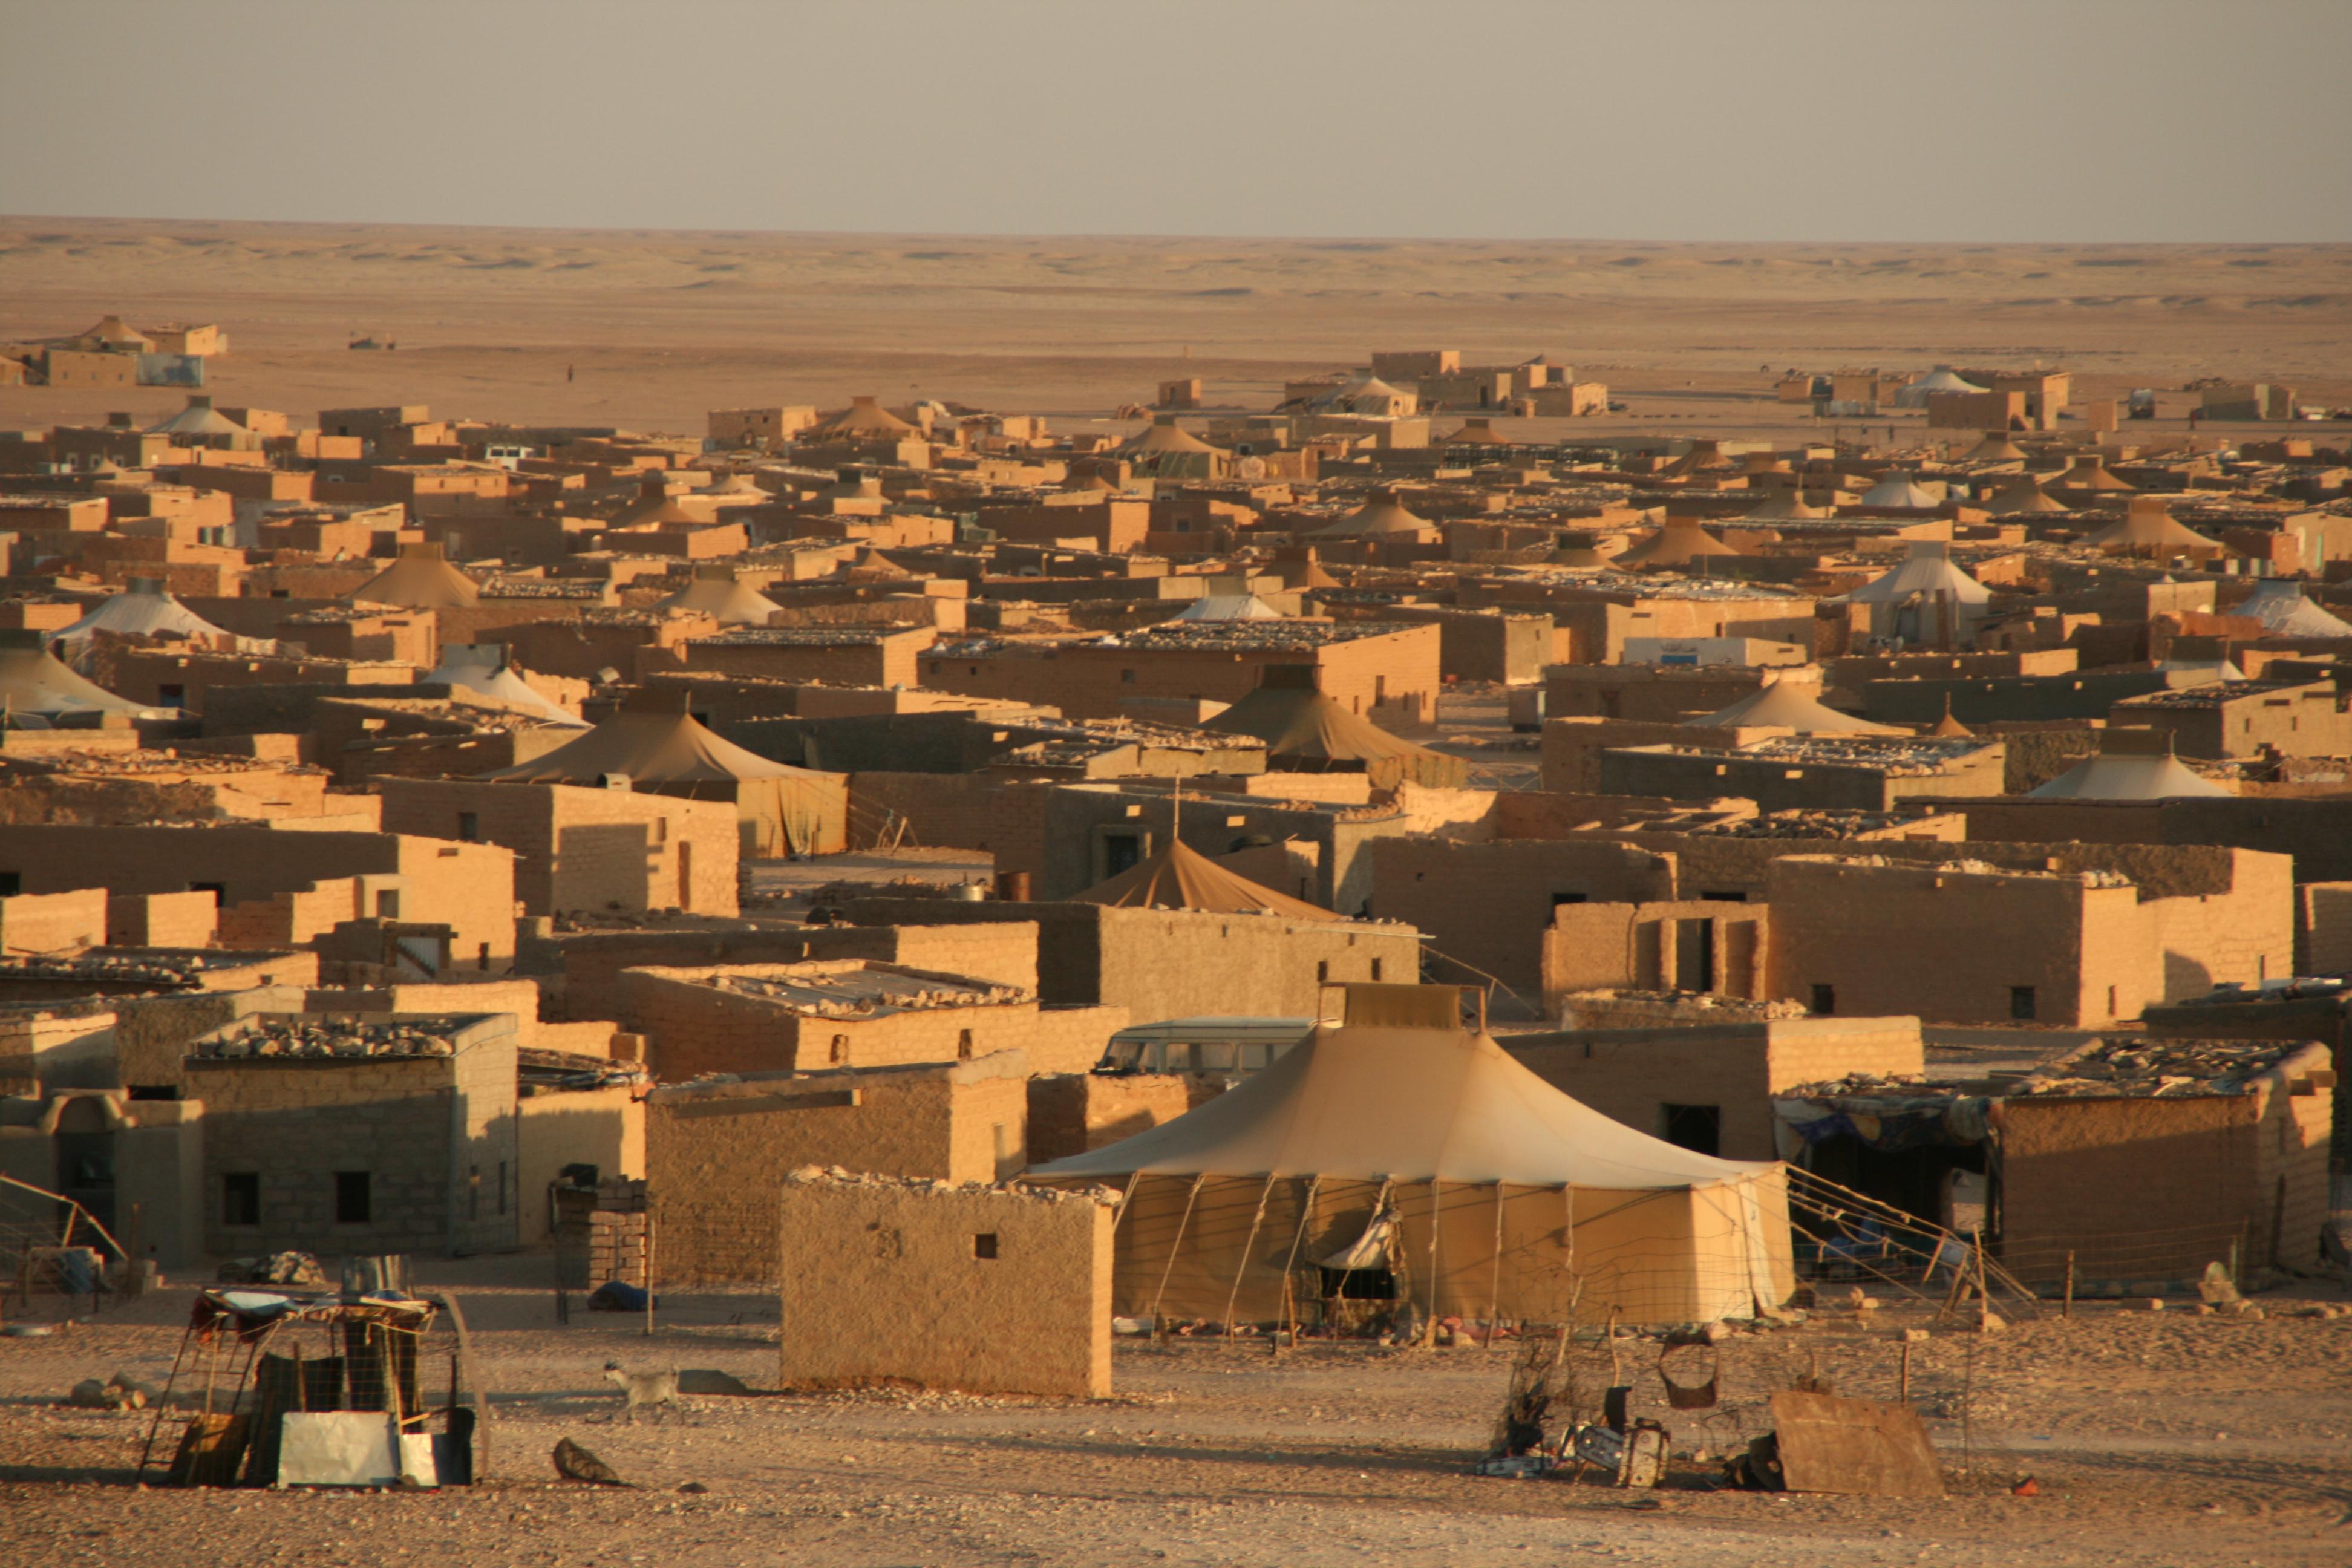 NUESTRO APOYO INCONDICINAL AL PUEBLO SAHARAUI